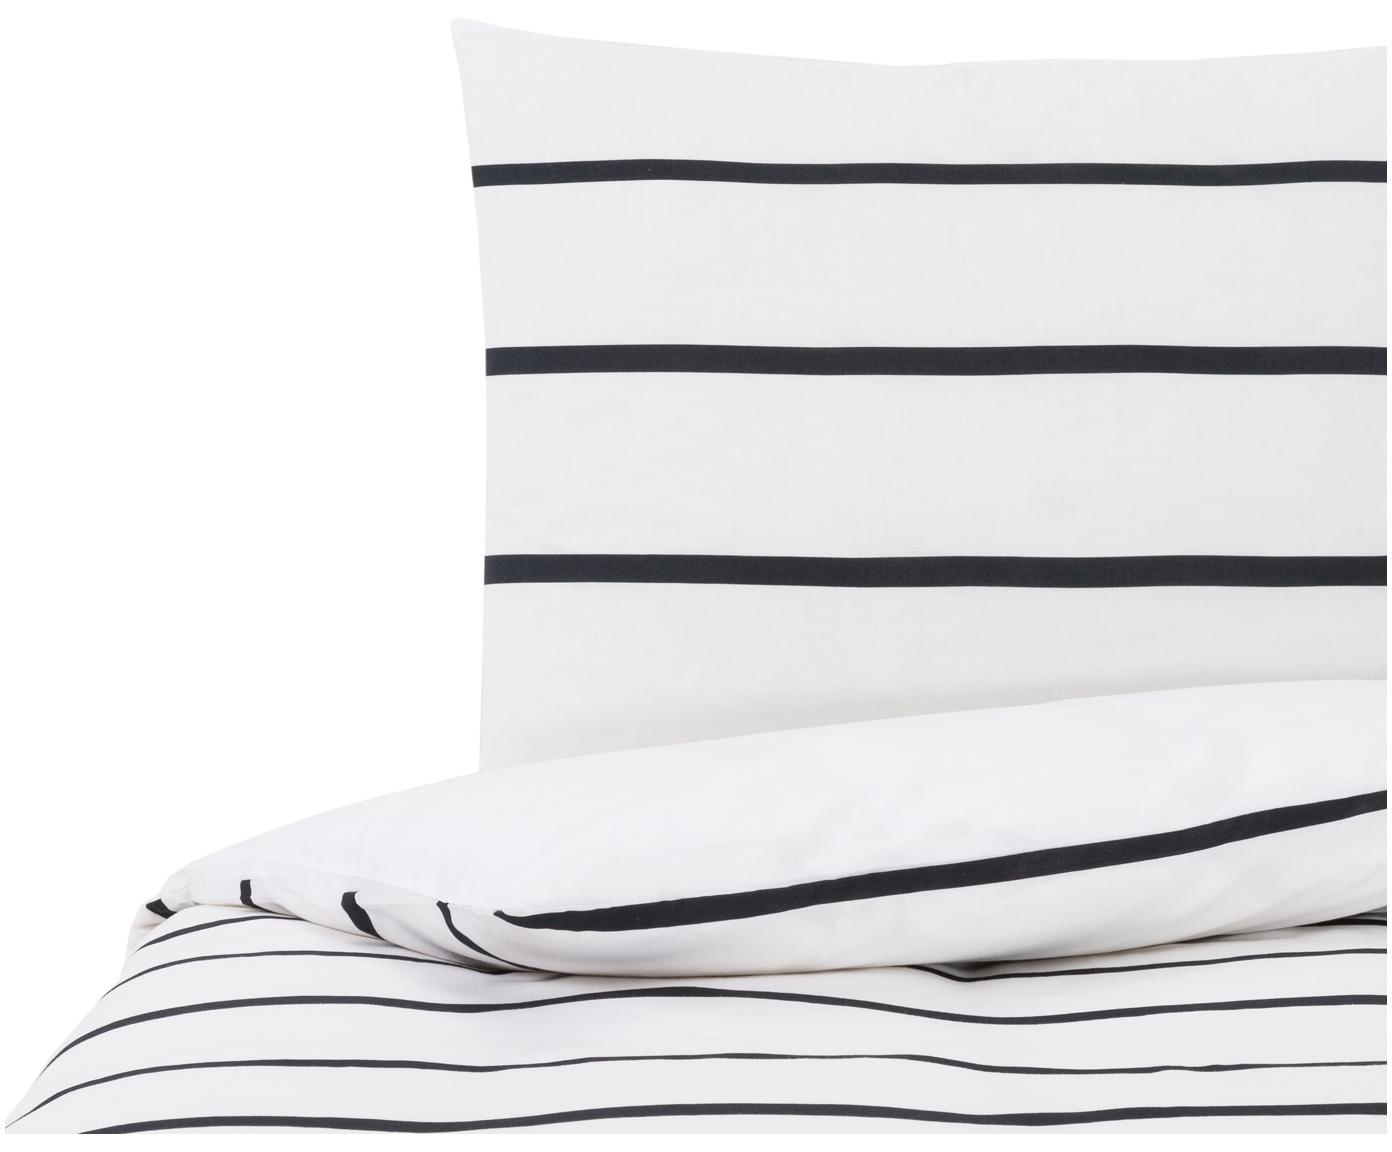 Dubbelzijdig beddengoed Blush, Katoen, Wit, zwart, roze, 140 x 200 cm